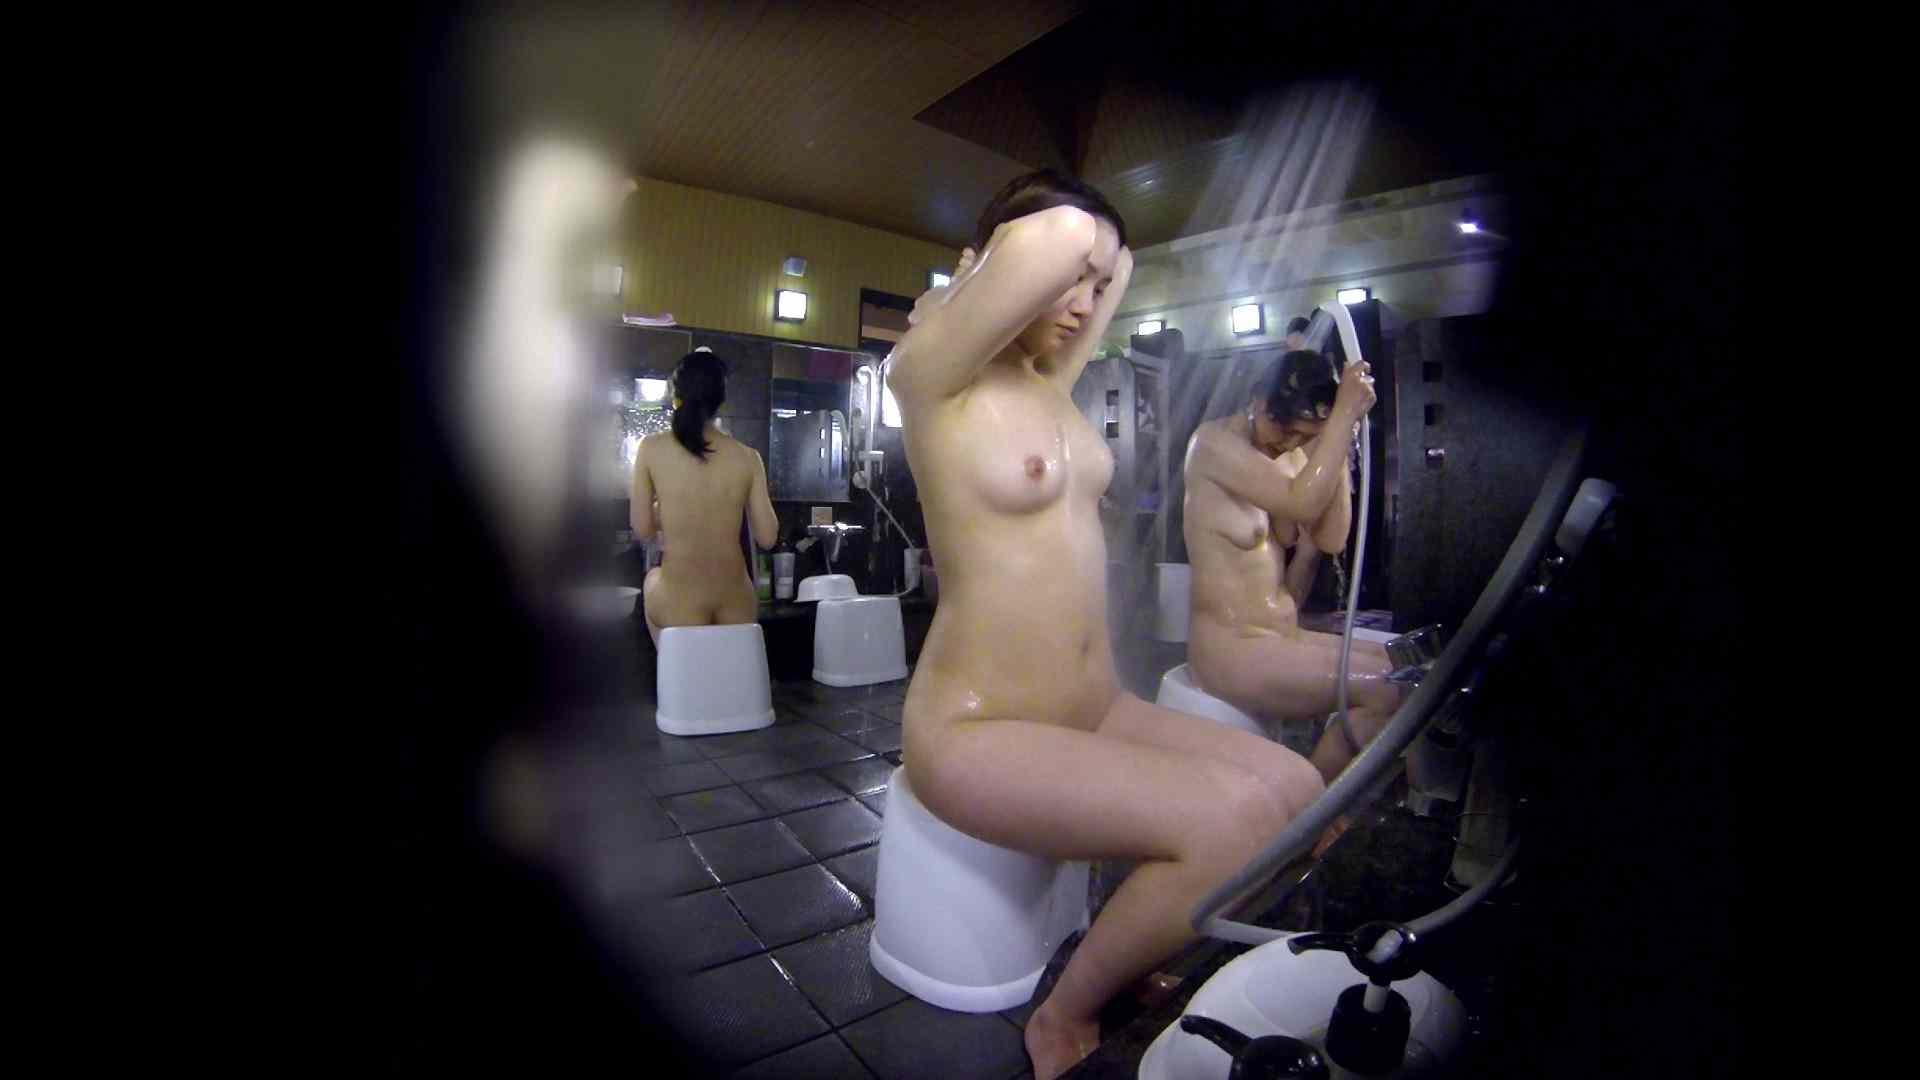 洗い場!好きです!ボリューム満点ボディーな感じが堪りません。 女湯 | 桃色乳首  113画像 49